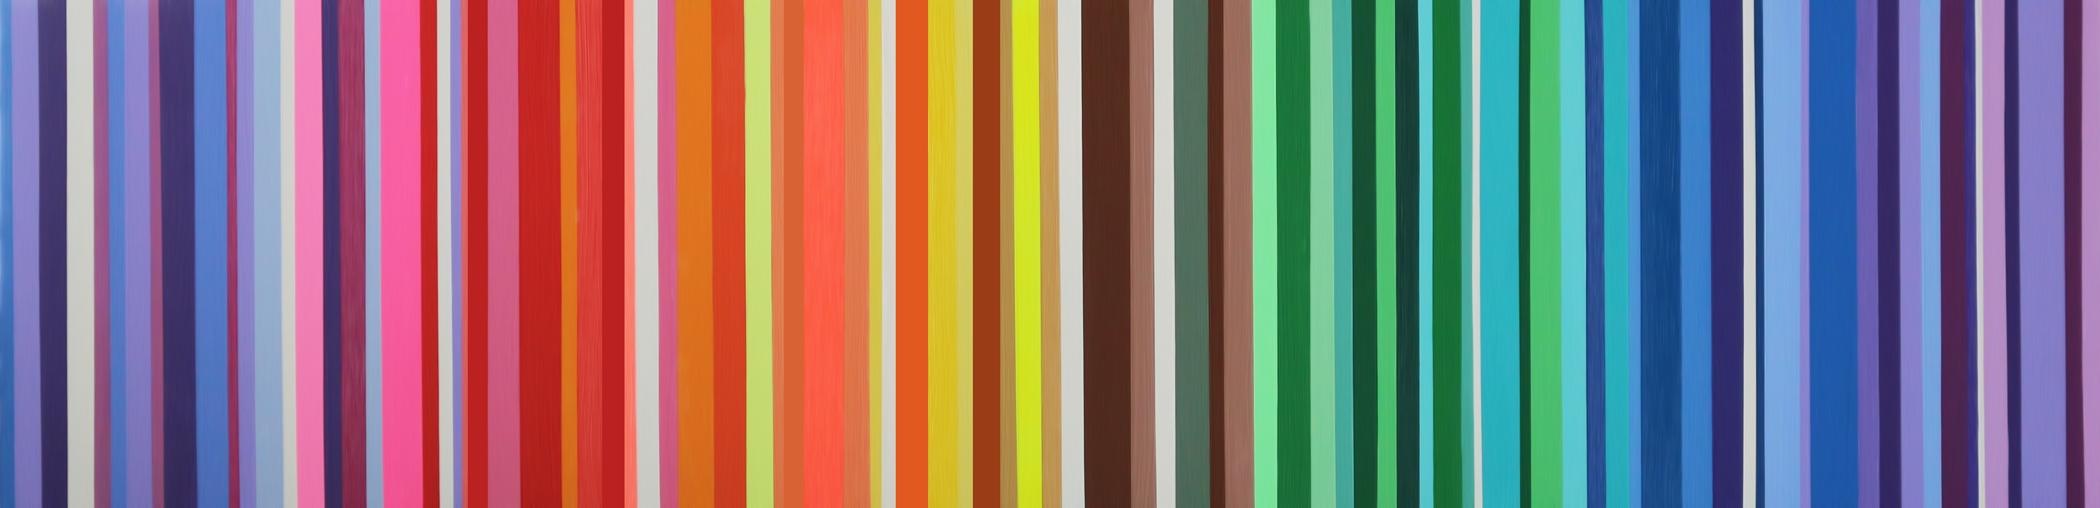 Spectrum Sonata